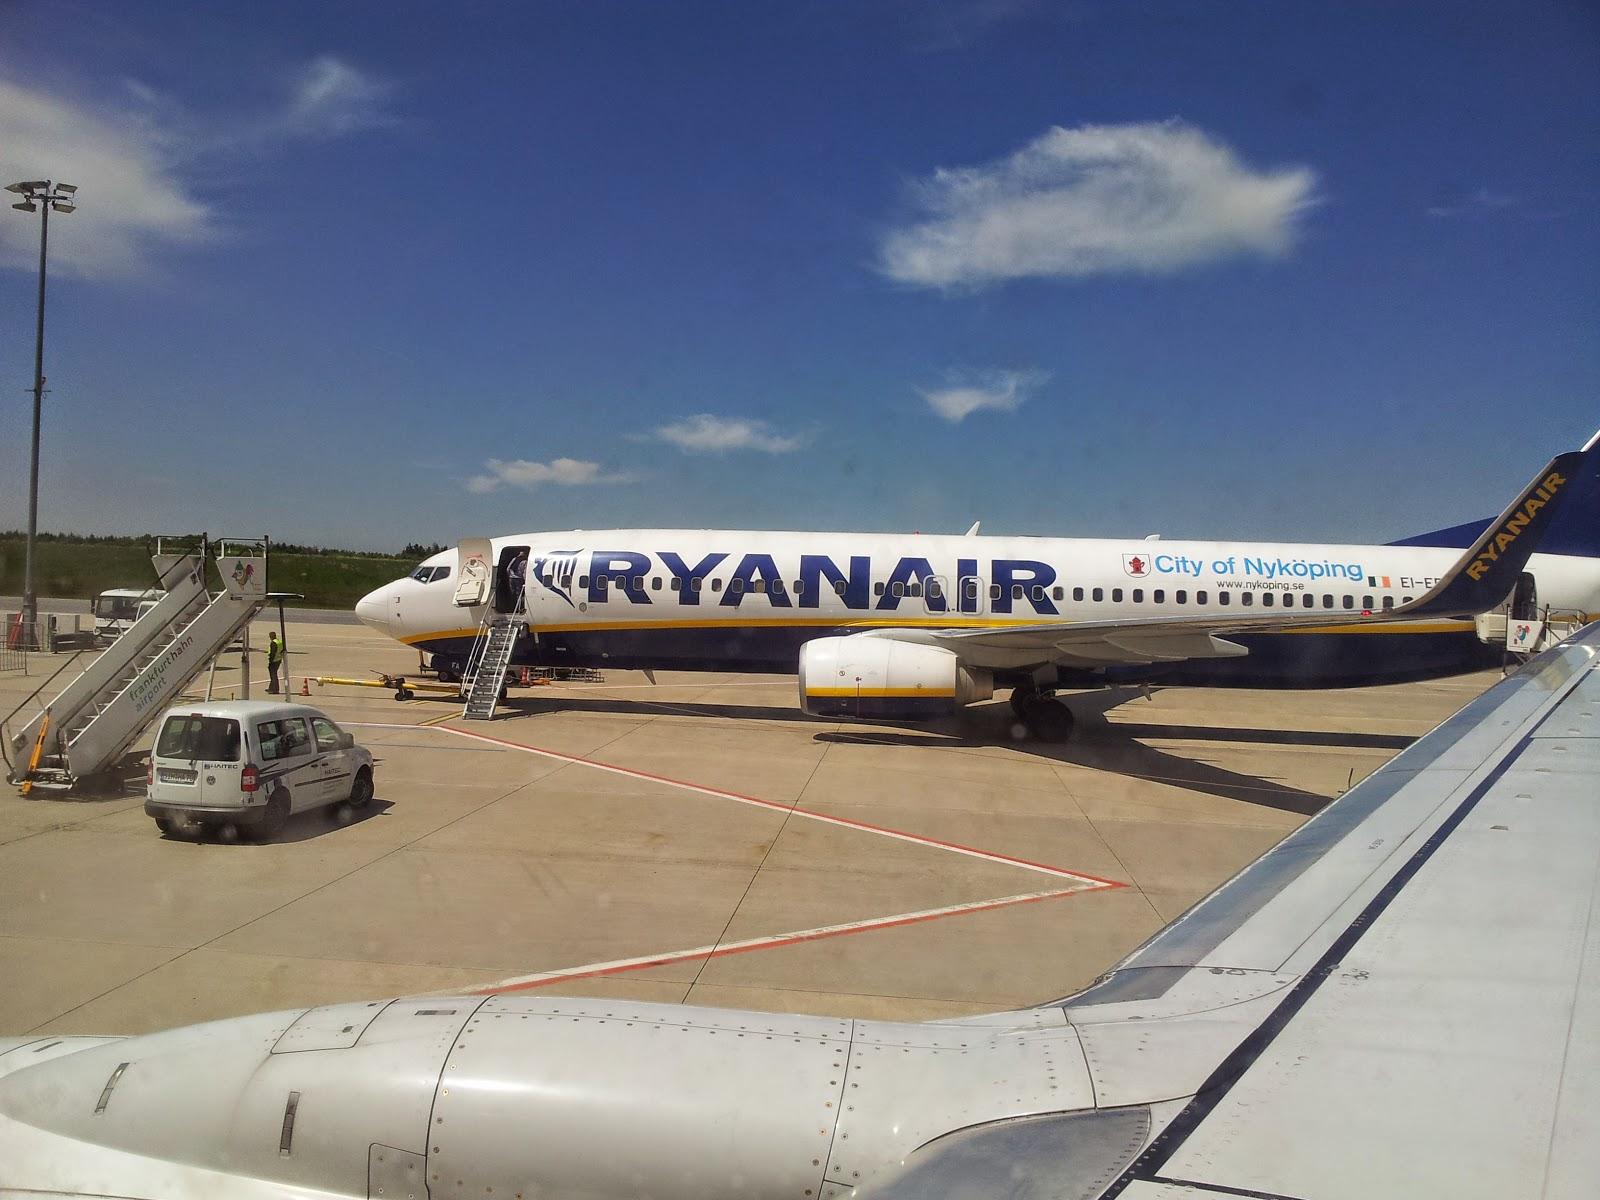 Gran Canaria Reise Info: Mit Ryanair vom Flugplatz Hahn nach Cran ...